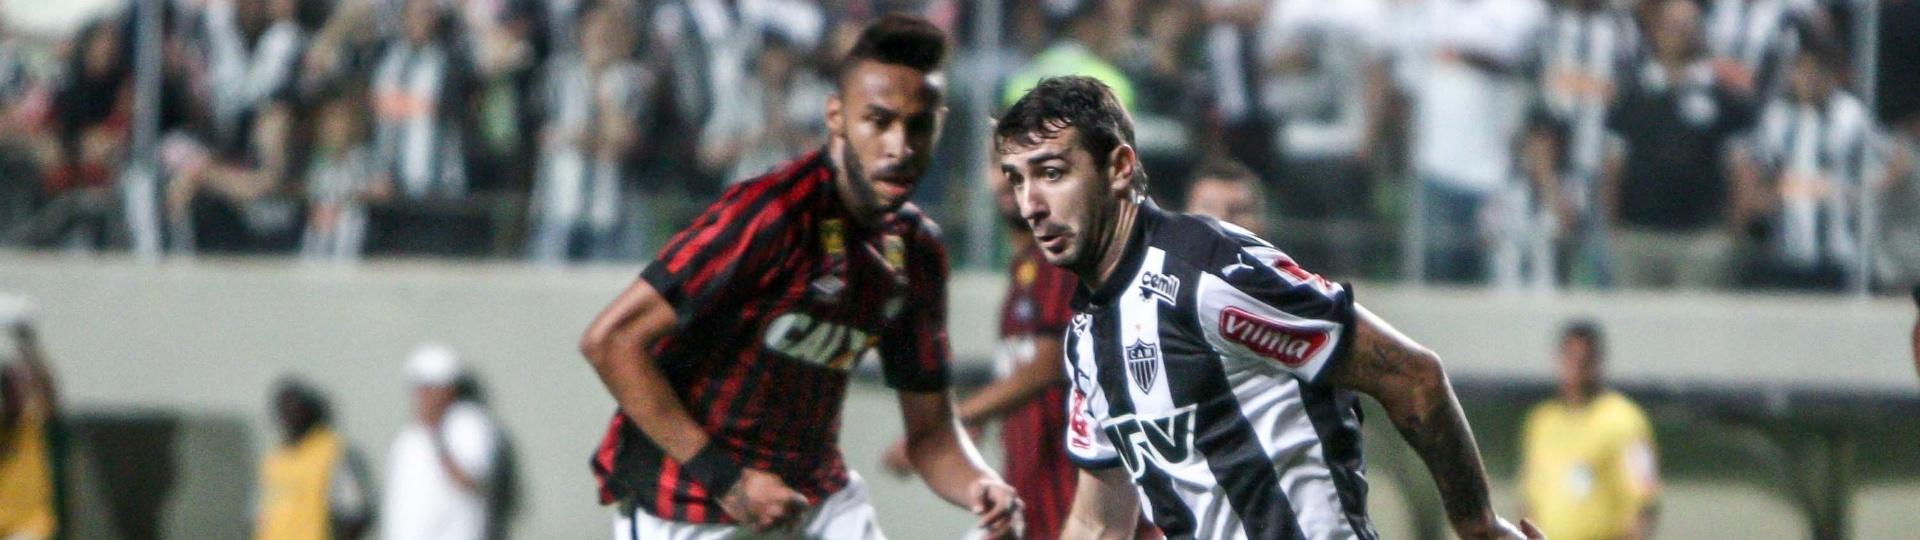 Lucas Pratto protege a bola no confronto entre Atlético-MG e Atlético-PR